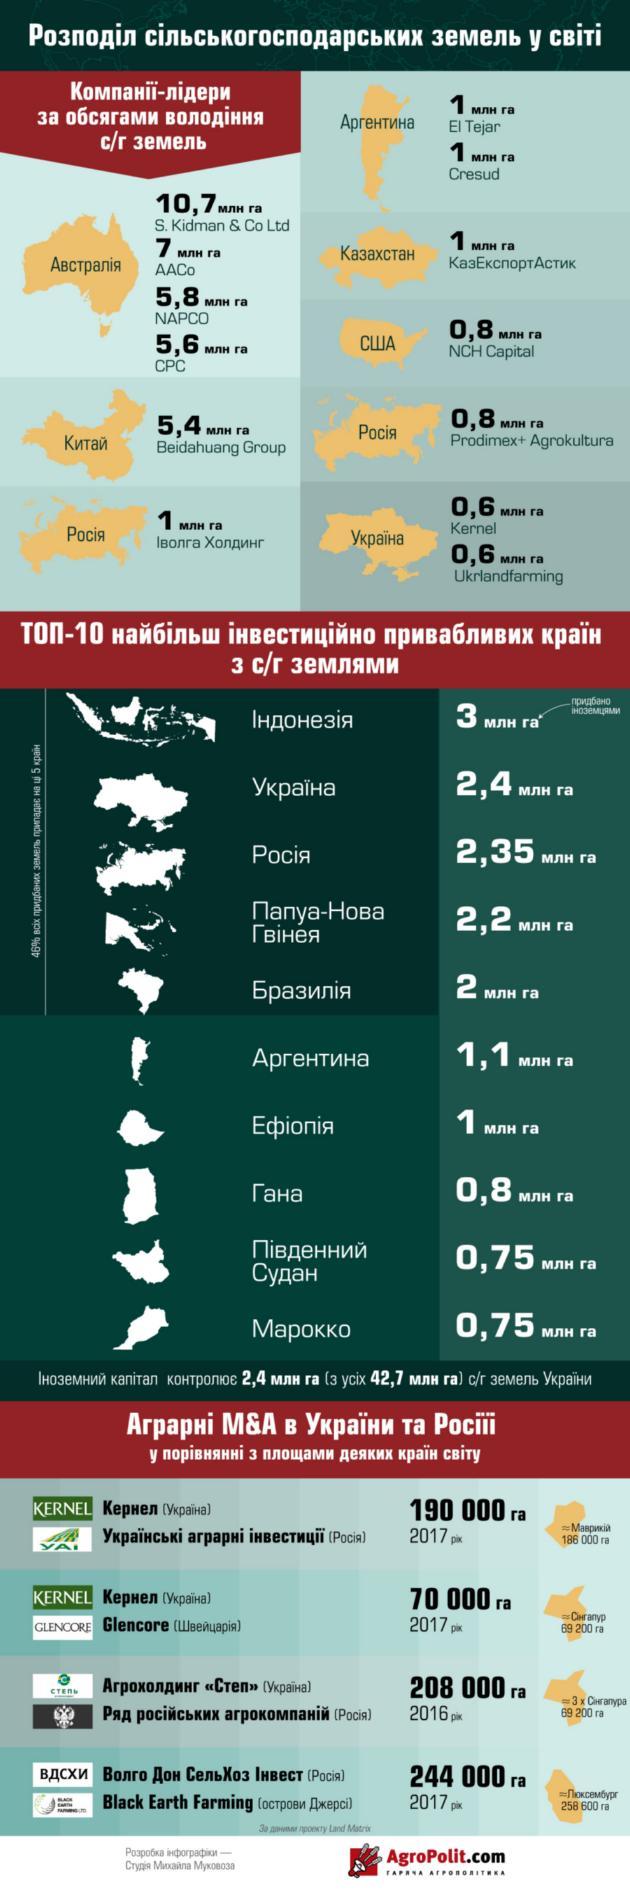 Украинские компании вошли в топ-20 крупнейших агрохолдингов мира